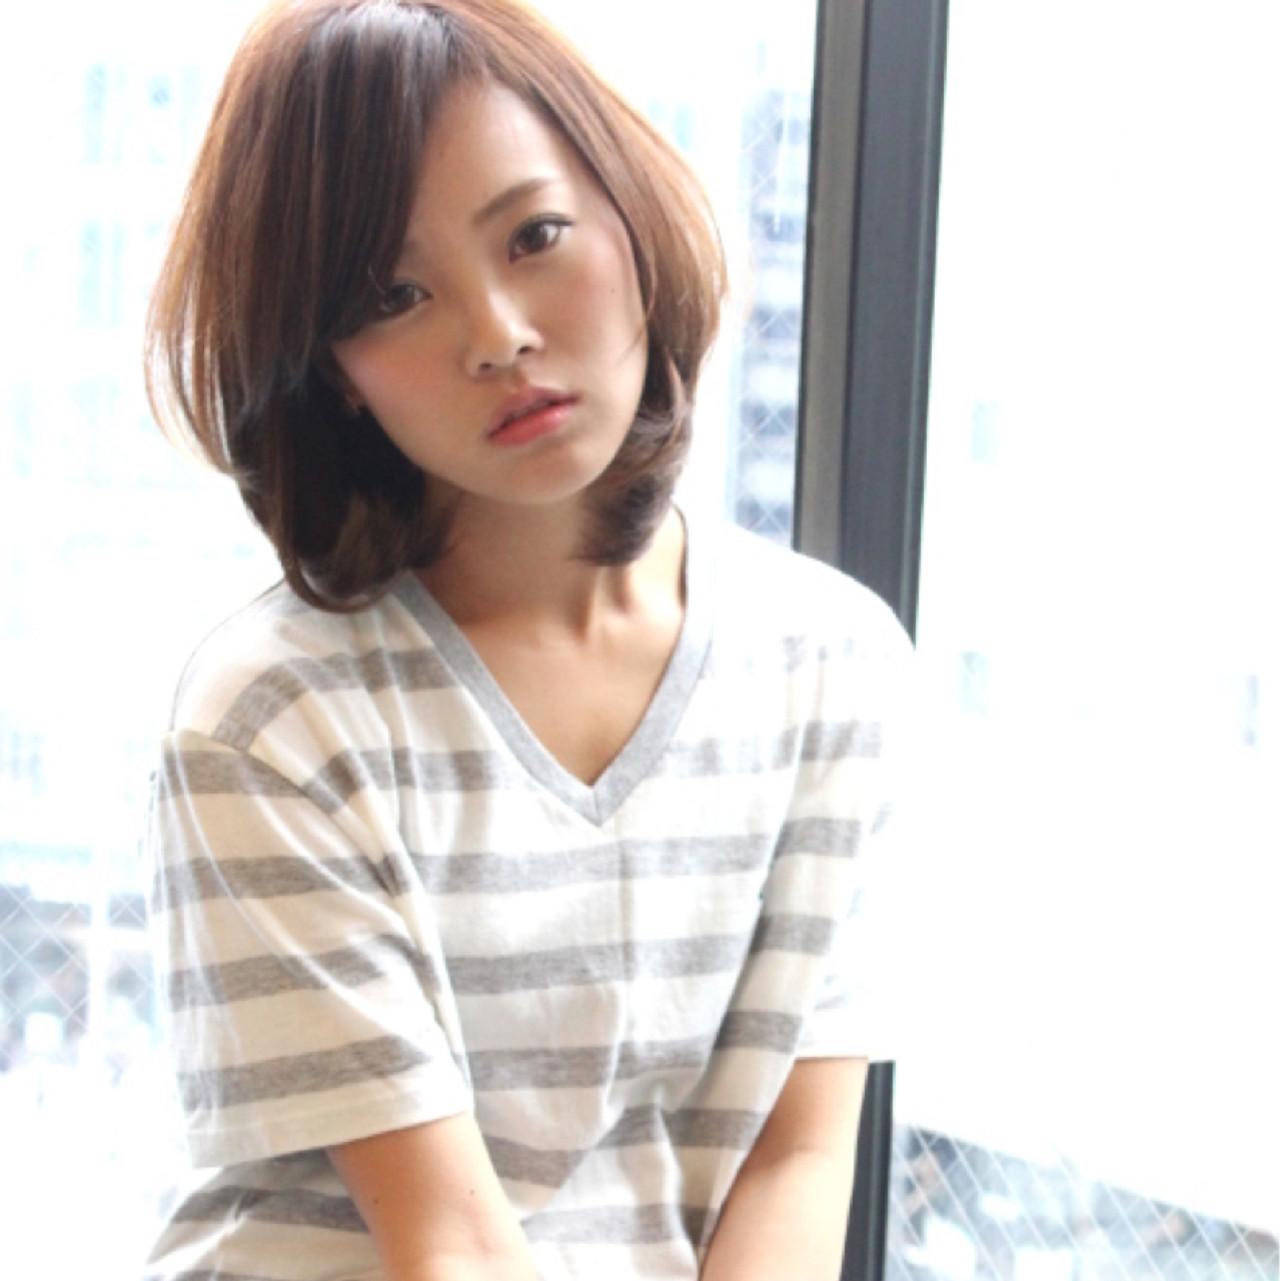 フェミニン ゆるふわ ナチュラル 暗髪 ヘアスタイルや髪型の写真・画像 | Masanori Yamasaki / Reuna(レウナ)